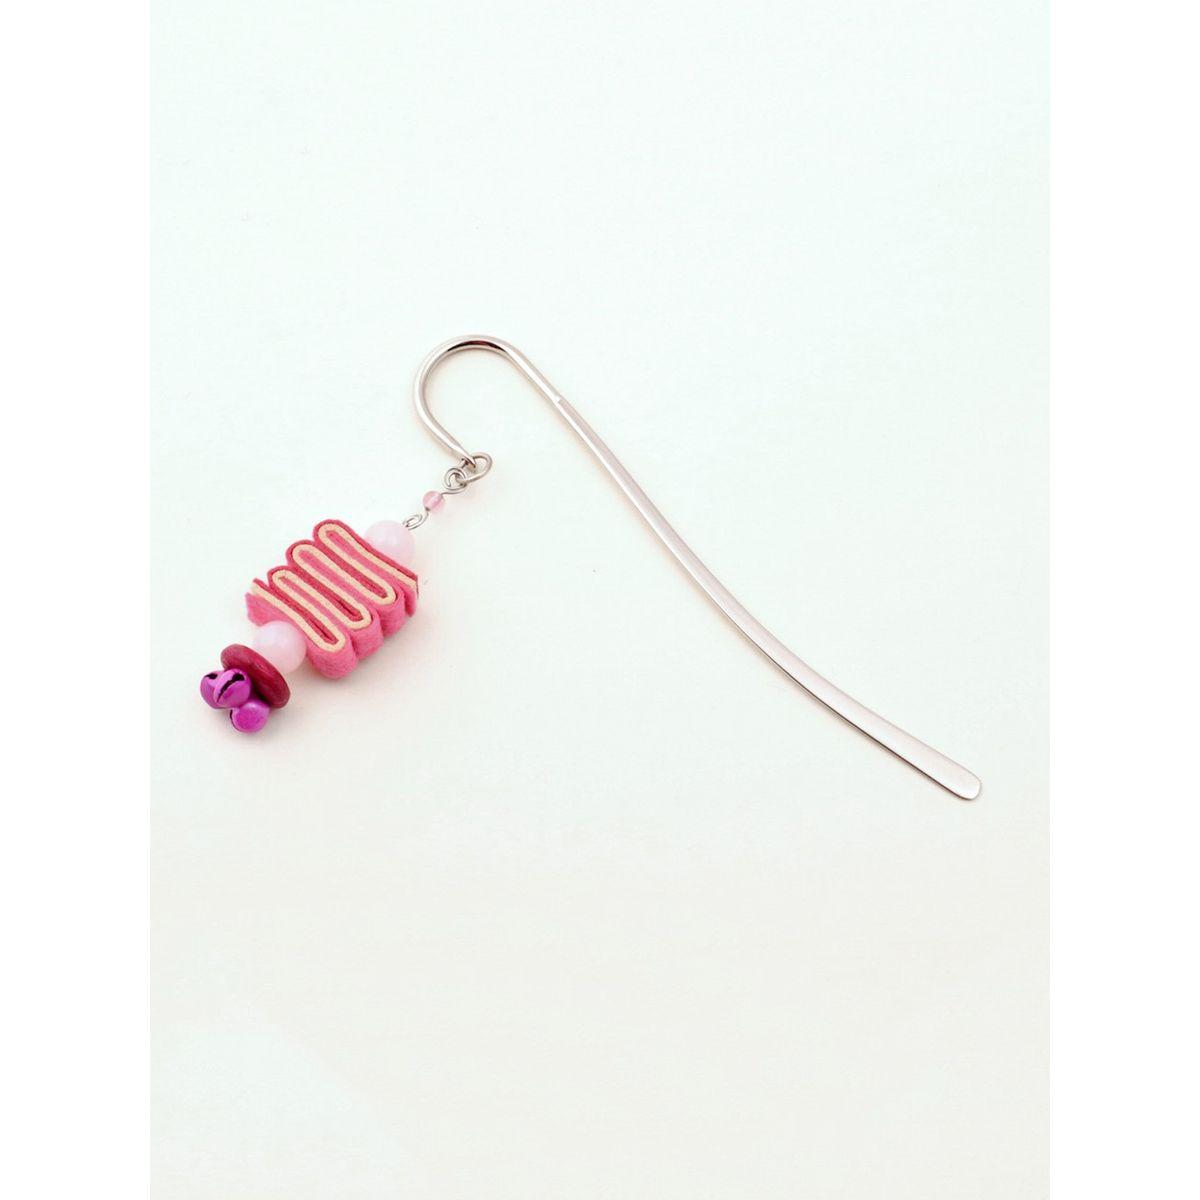 Bookworm Bookmark - Pink